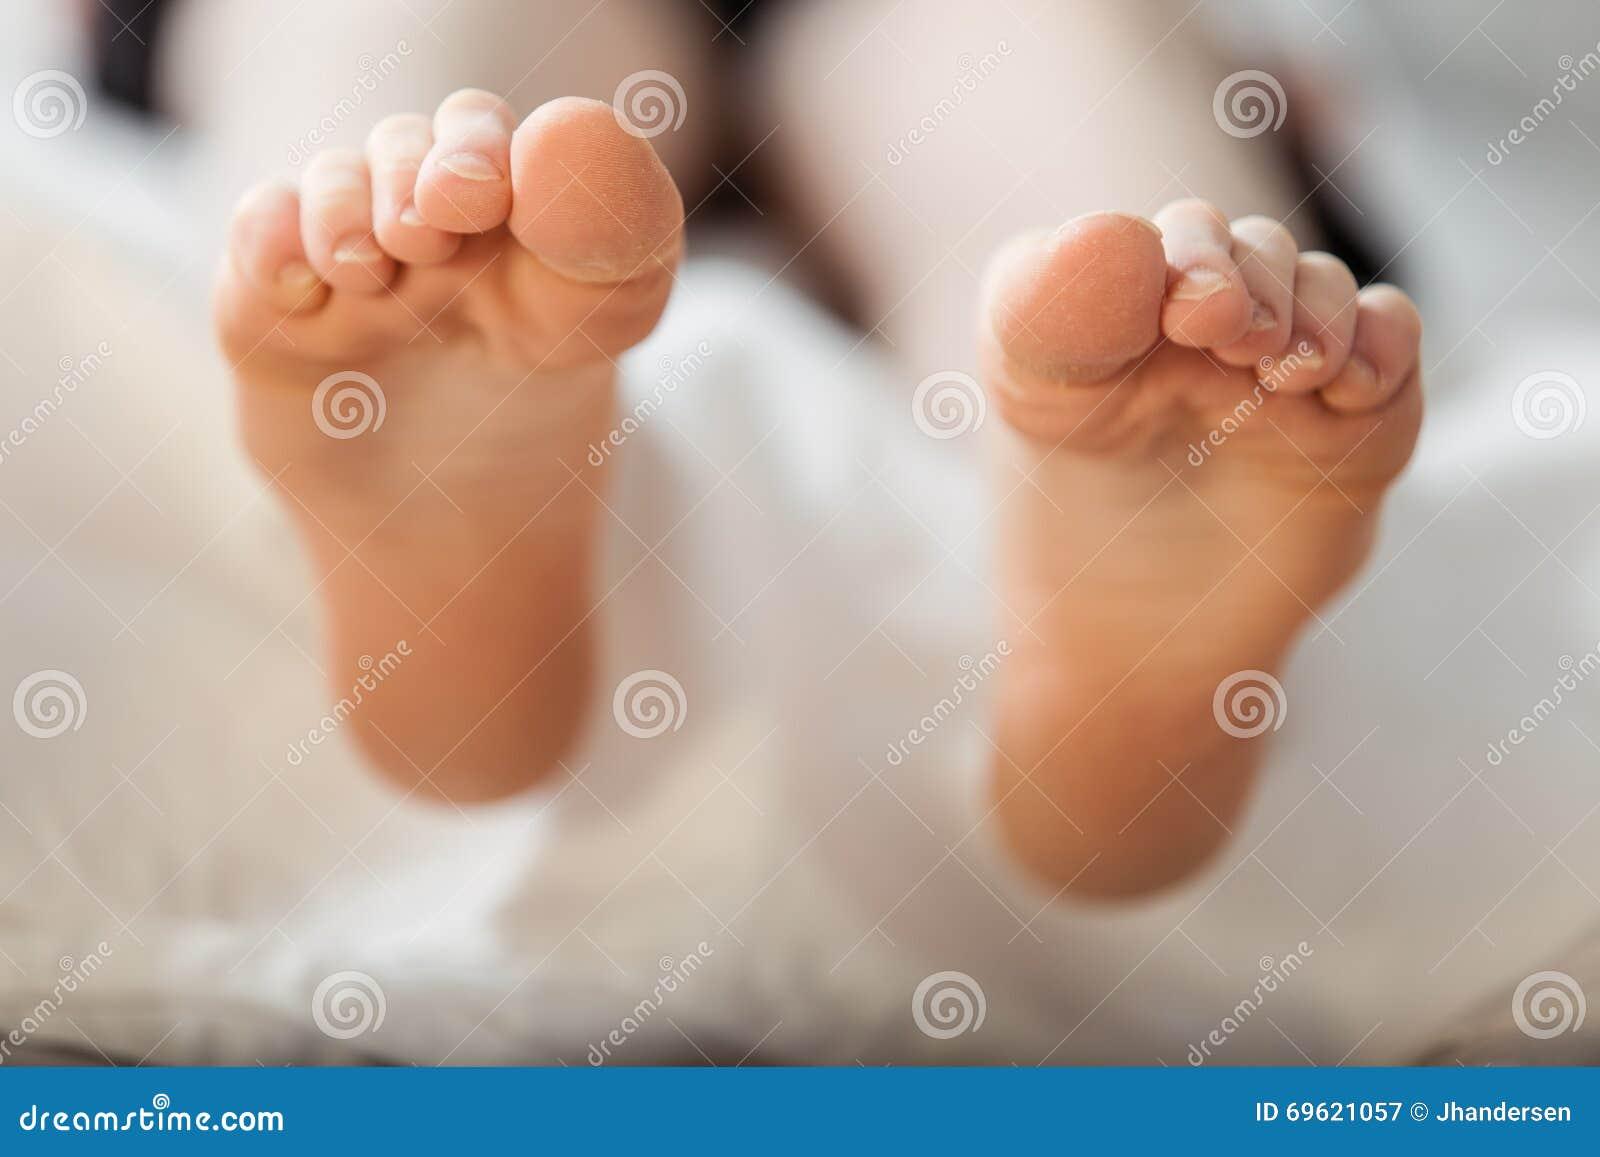 Vorderansicht über Sohlen von bloßen Füßen